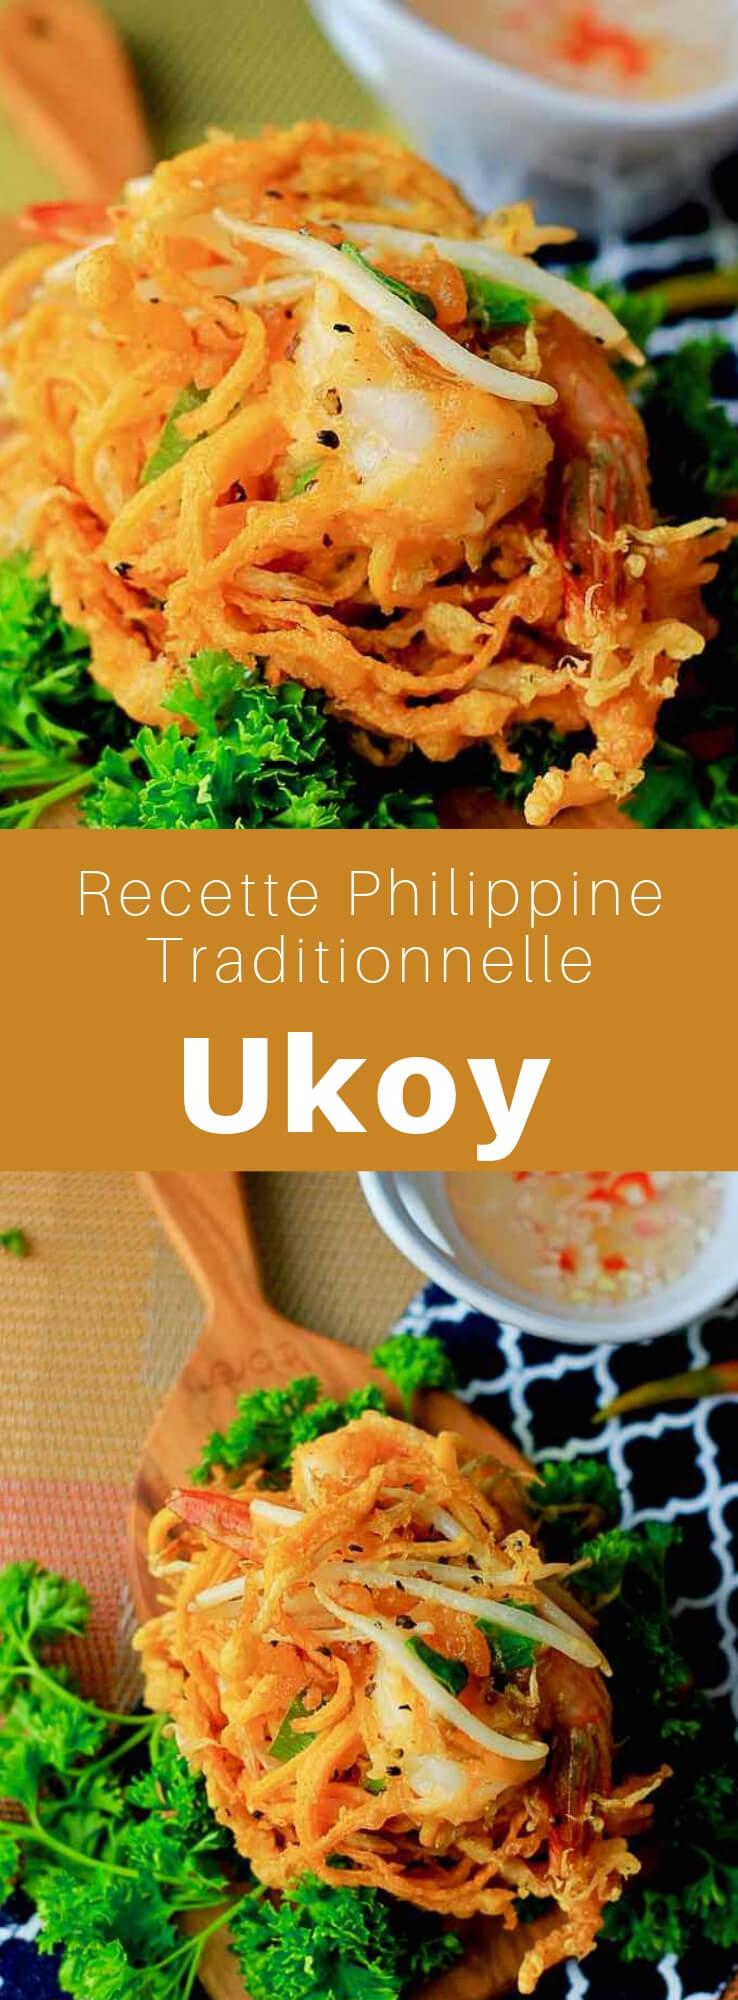 L'ukoy ou okoy est un petit beignet croustillant, populaire aux Philippines et aux Palaos, à base de crevettes et de légumes, traditionnel pour le petit-déjeuner, les collations et l'apéritif. #CuisinePhilippine #CuisinePaluan #RecettePhilippine #RecettePaluane #PacifiqueSud #Oceanie #RecetteOceanienne #CuisineDuMonde #196flavors